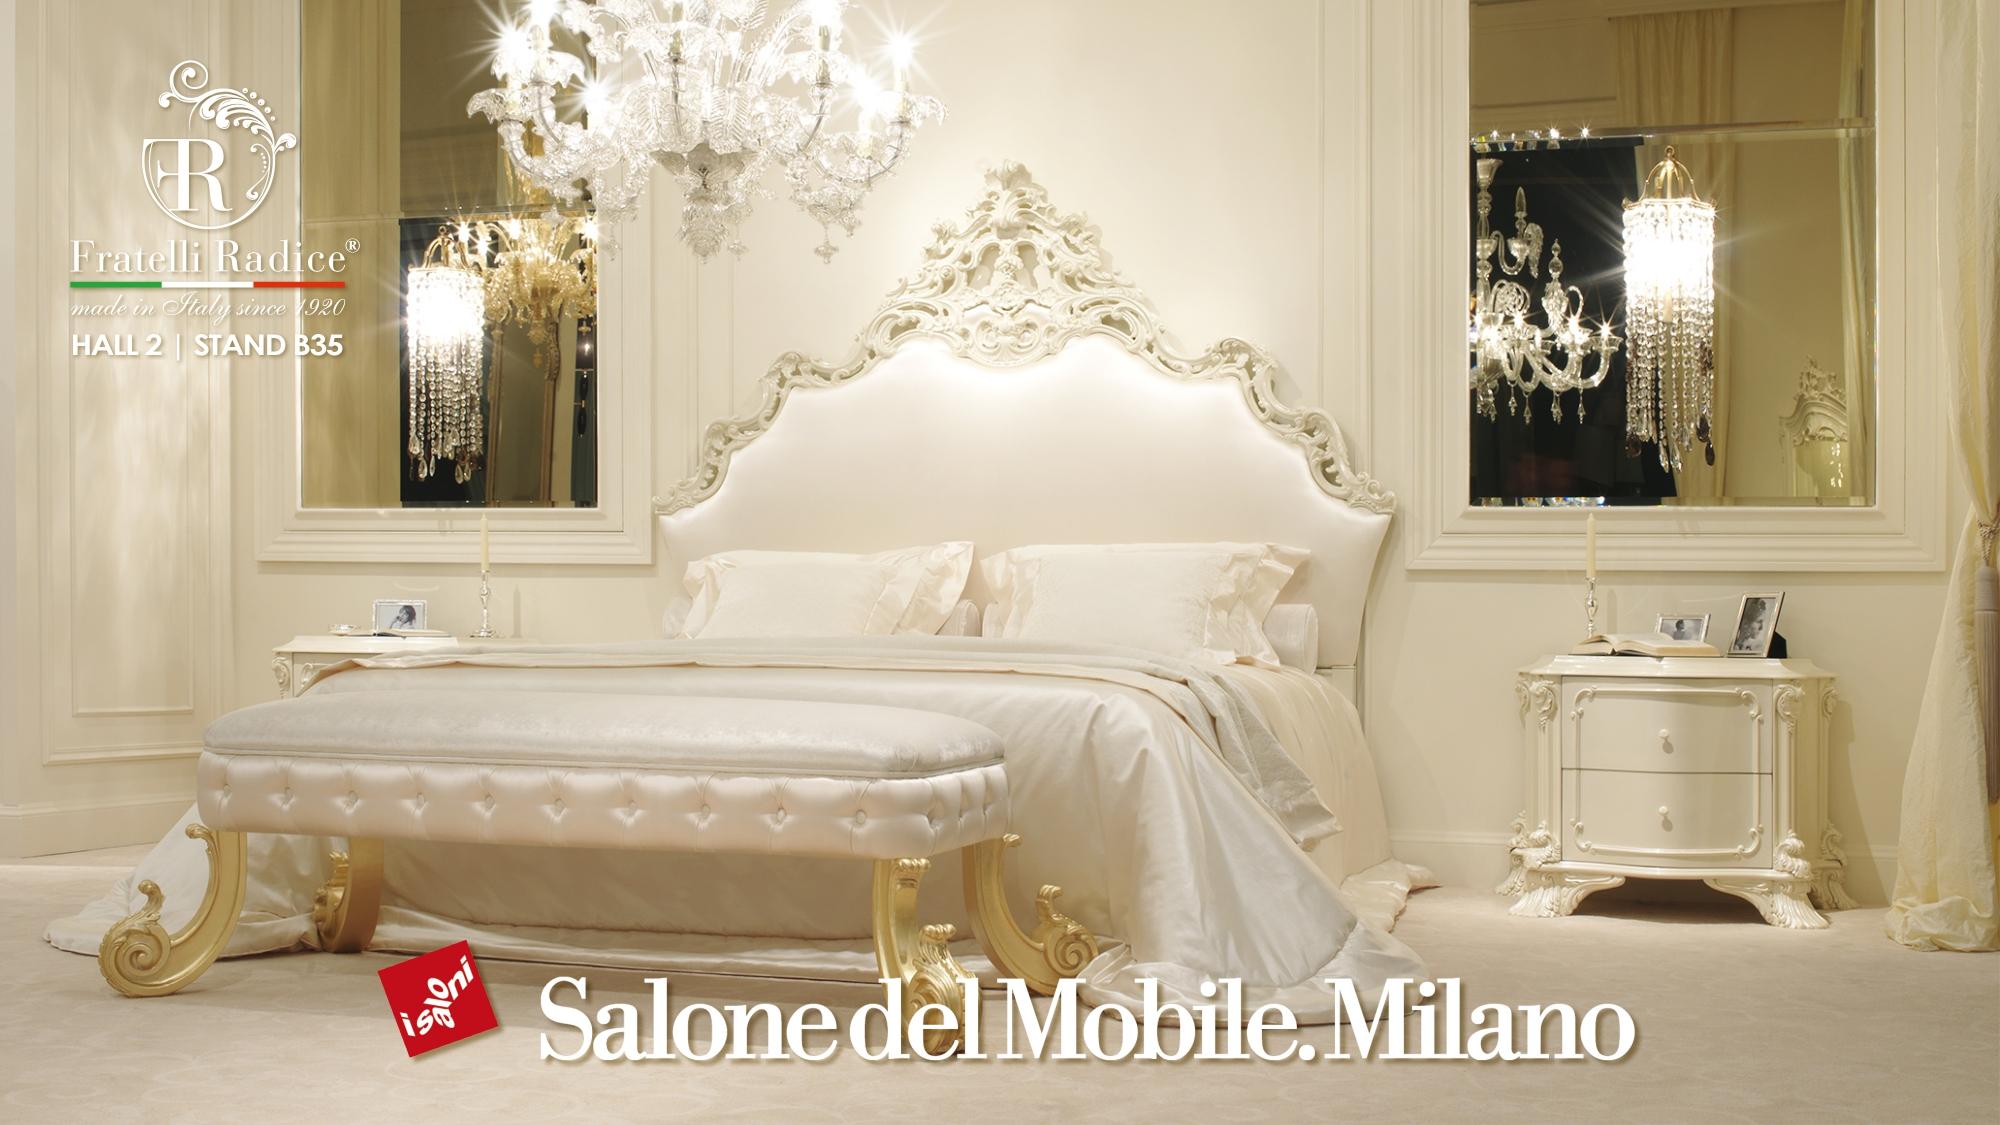 International furniture fair milan april 4 9 2017 fratelli radice - Salon du meuble milan 2017 ...